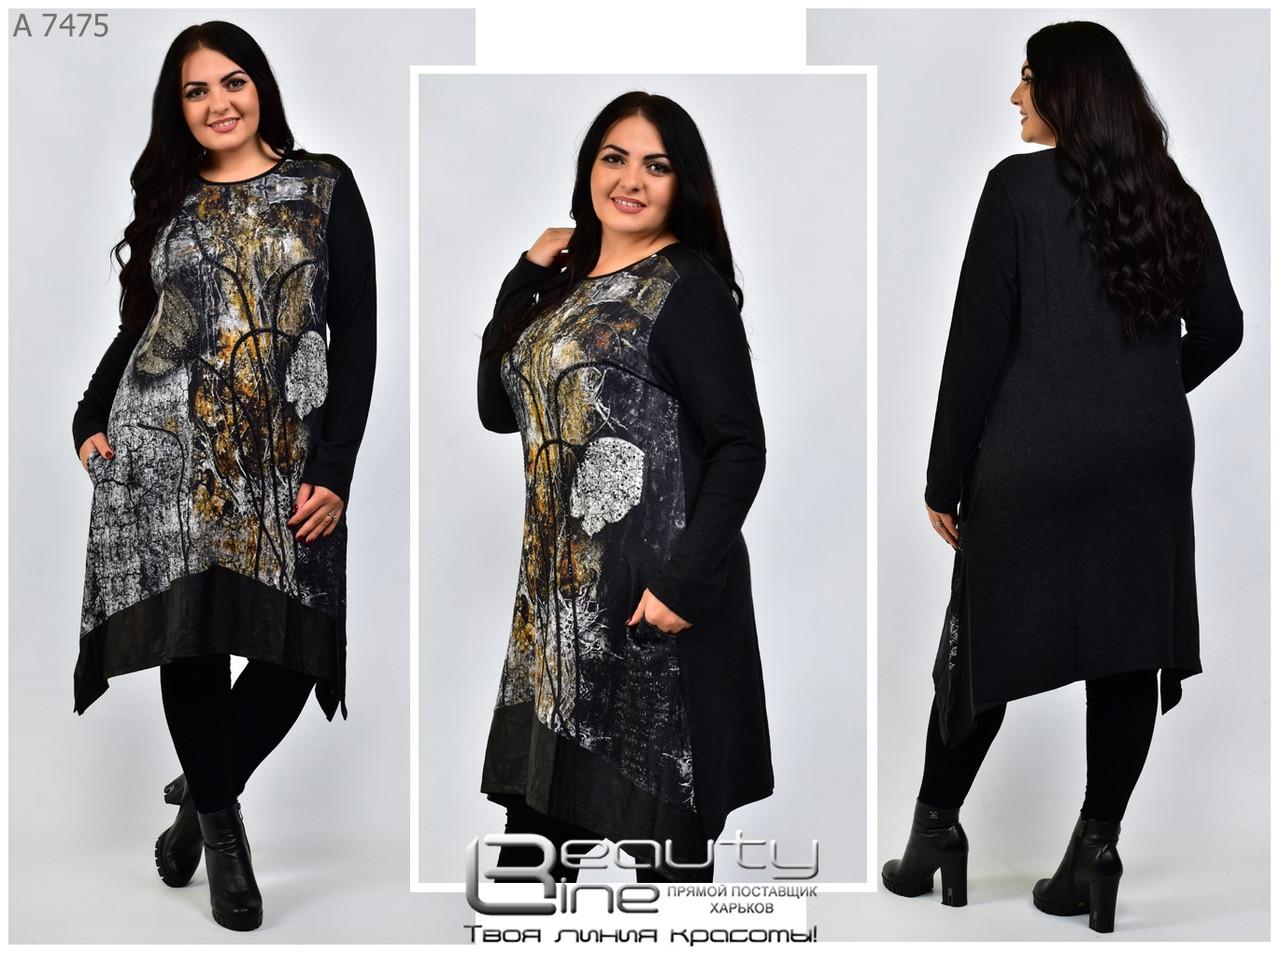 Женская удлинённая туника-платье с асимметричными краями батал с 56 по 60 размер